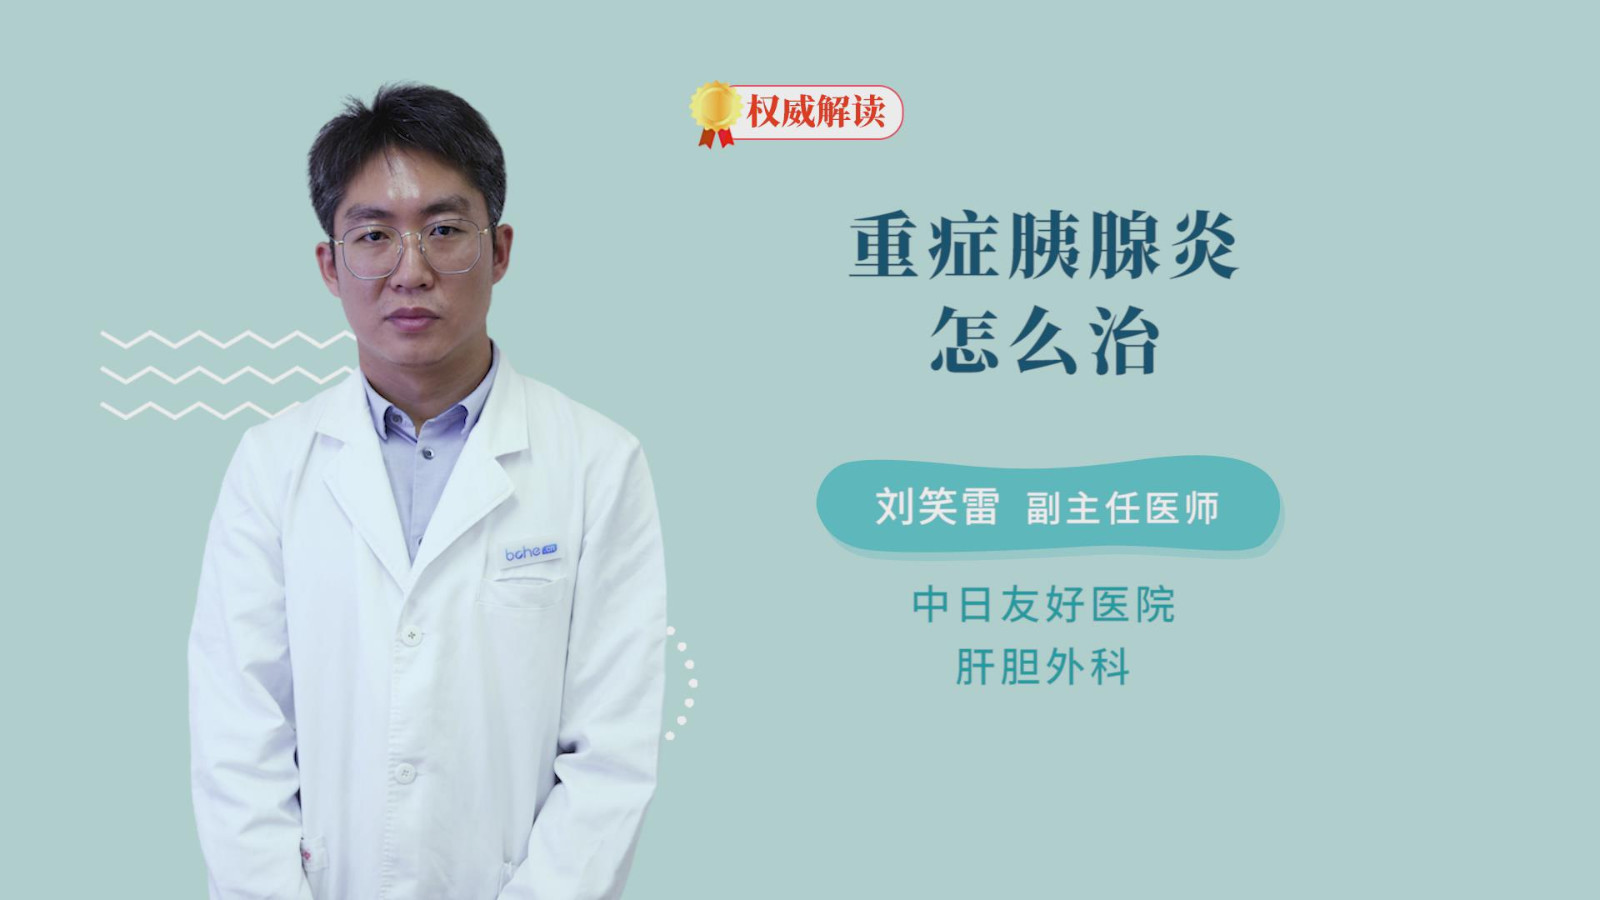 重症胰腺炎怎么治